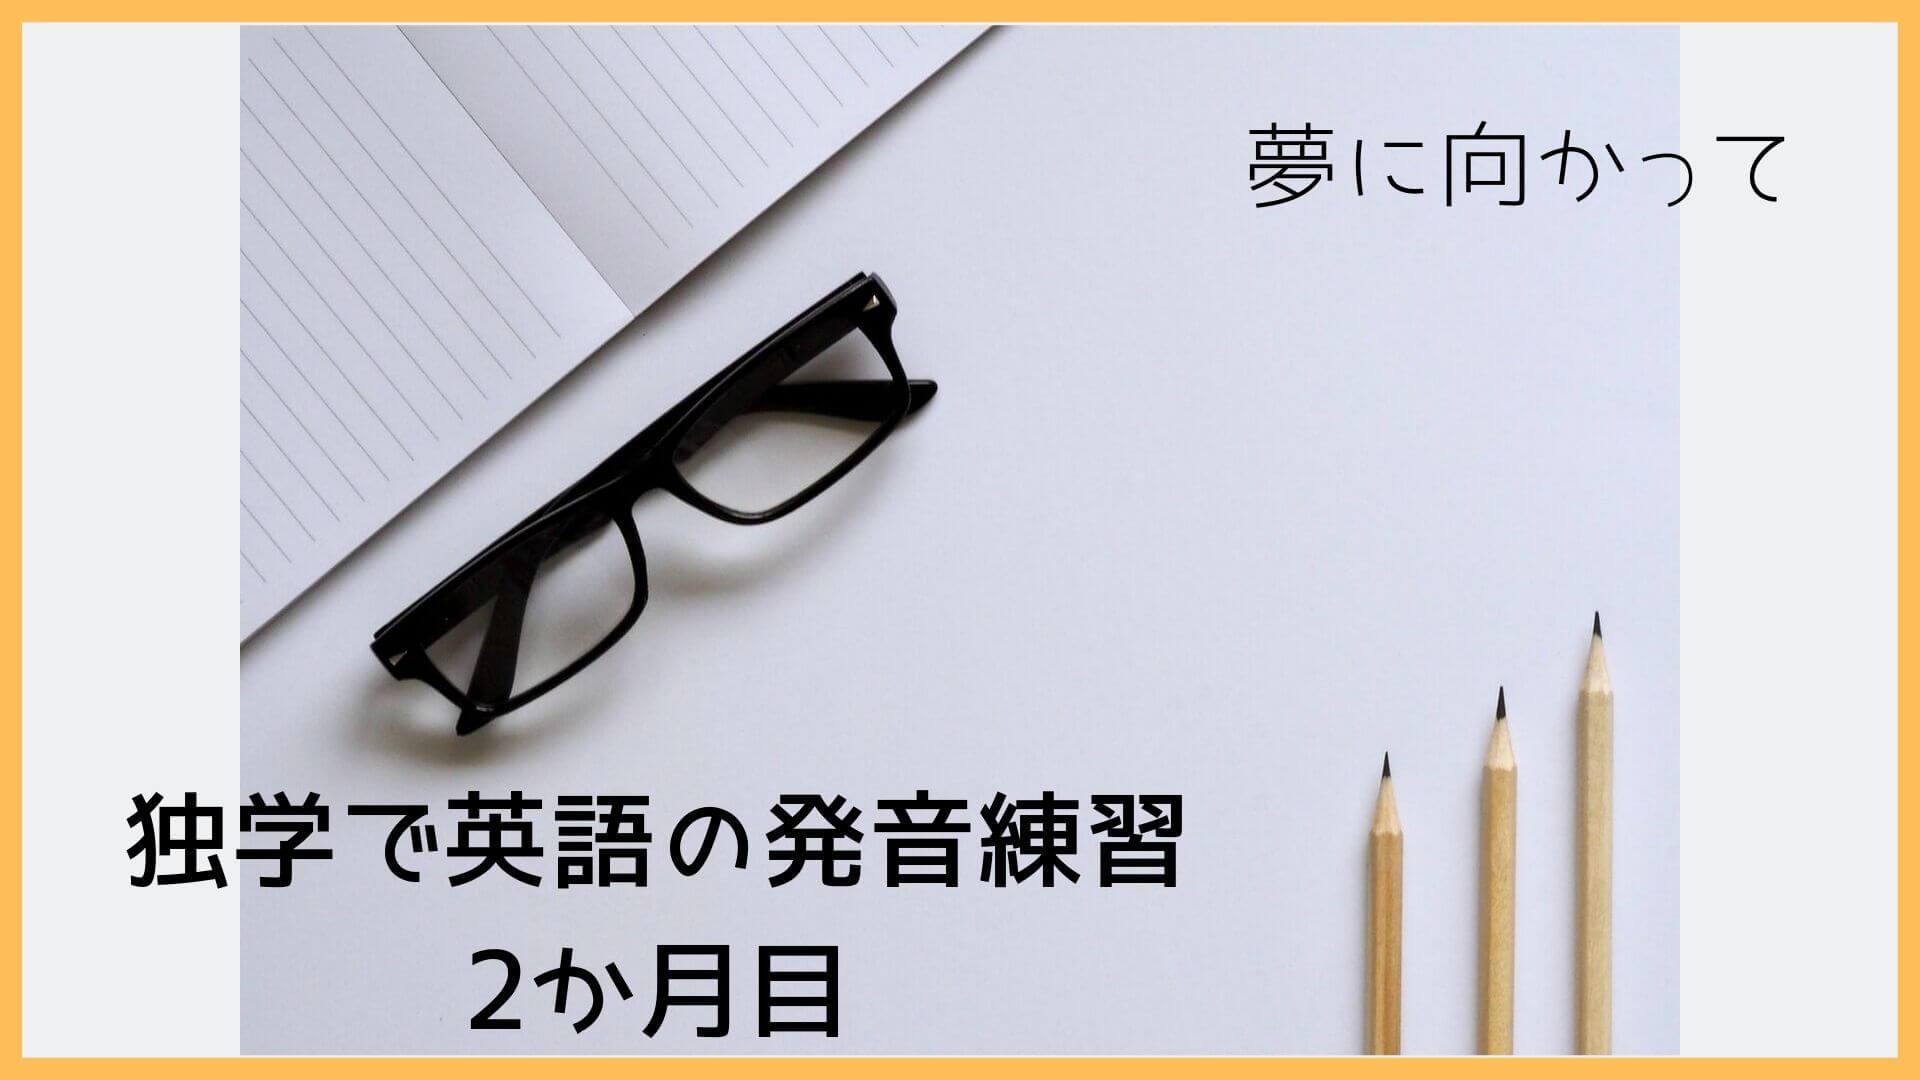 独学で英語の発音練習 2か月目